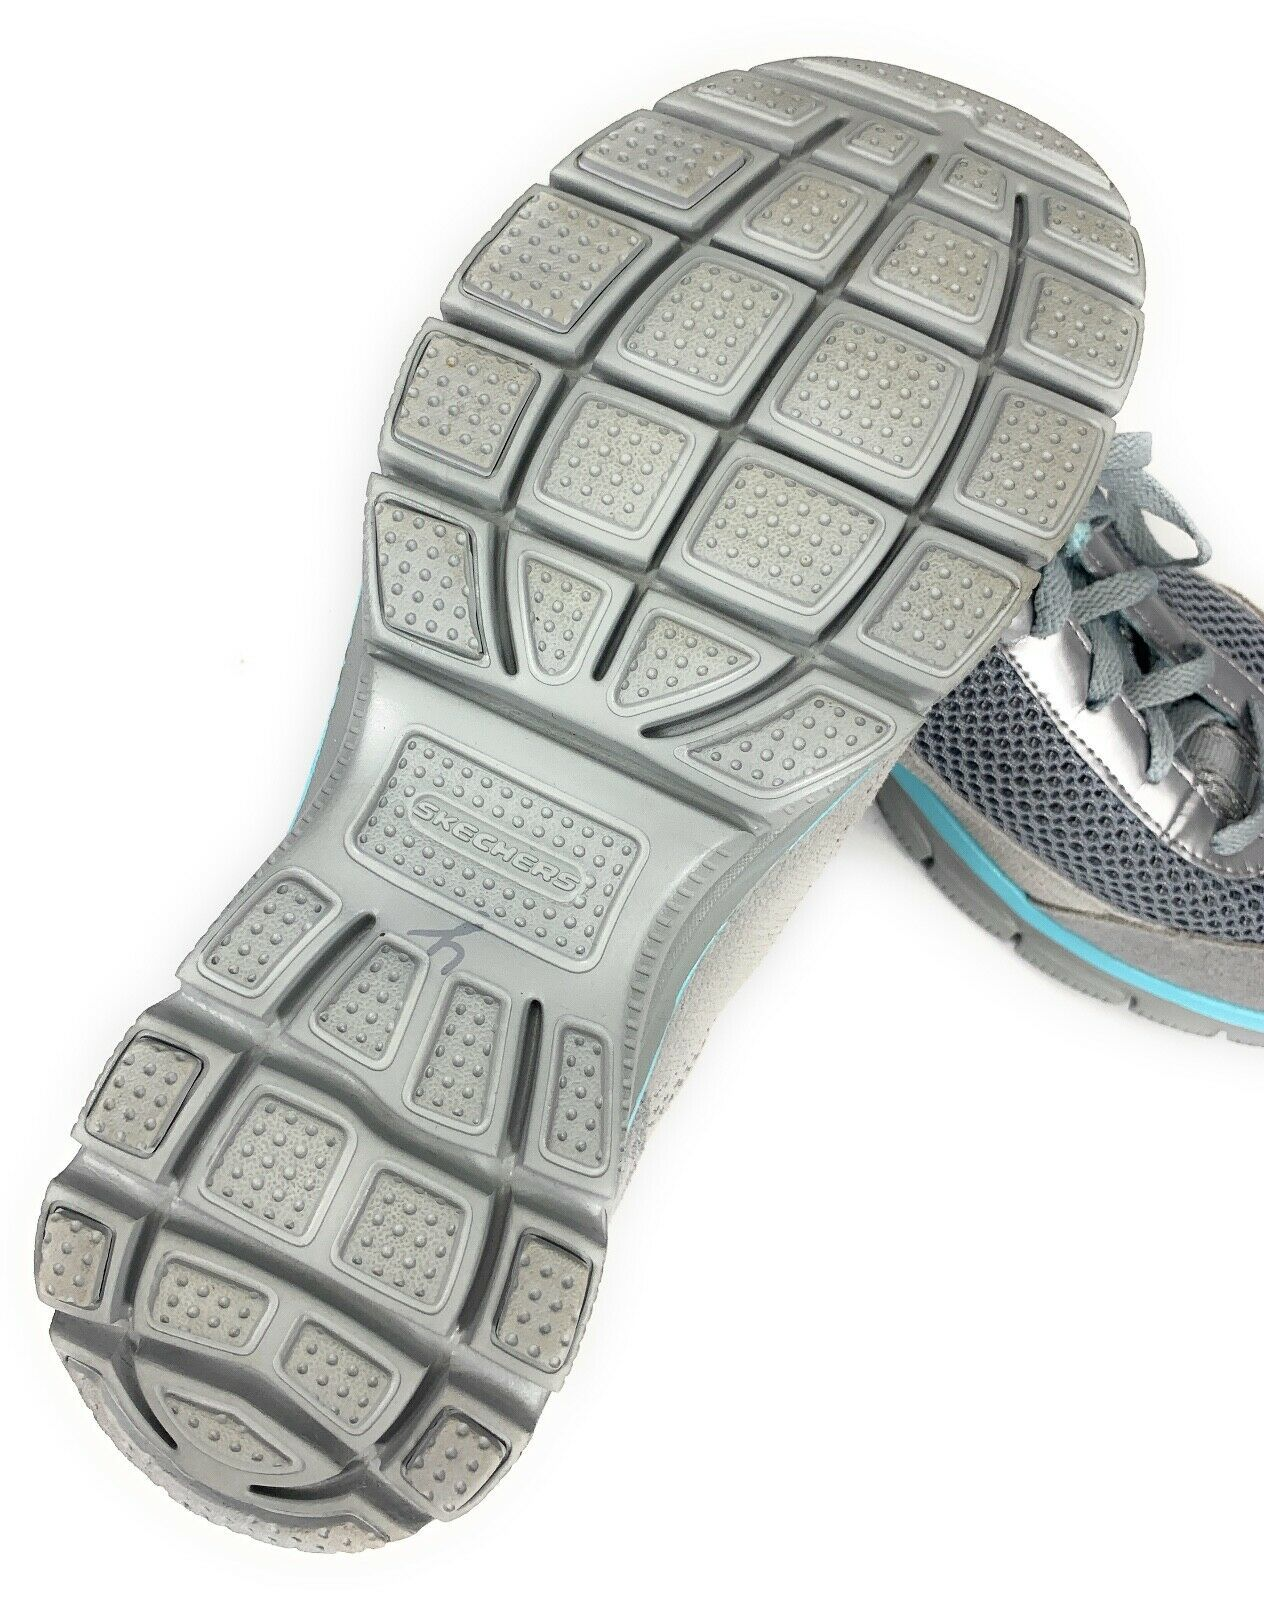 Skechers Relaxed Fit Memory Foam Gray Blue Sneakers Shoes Women's 9